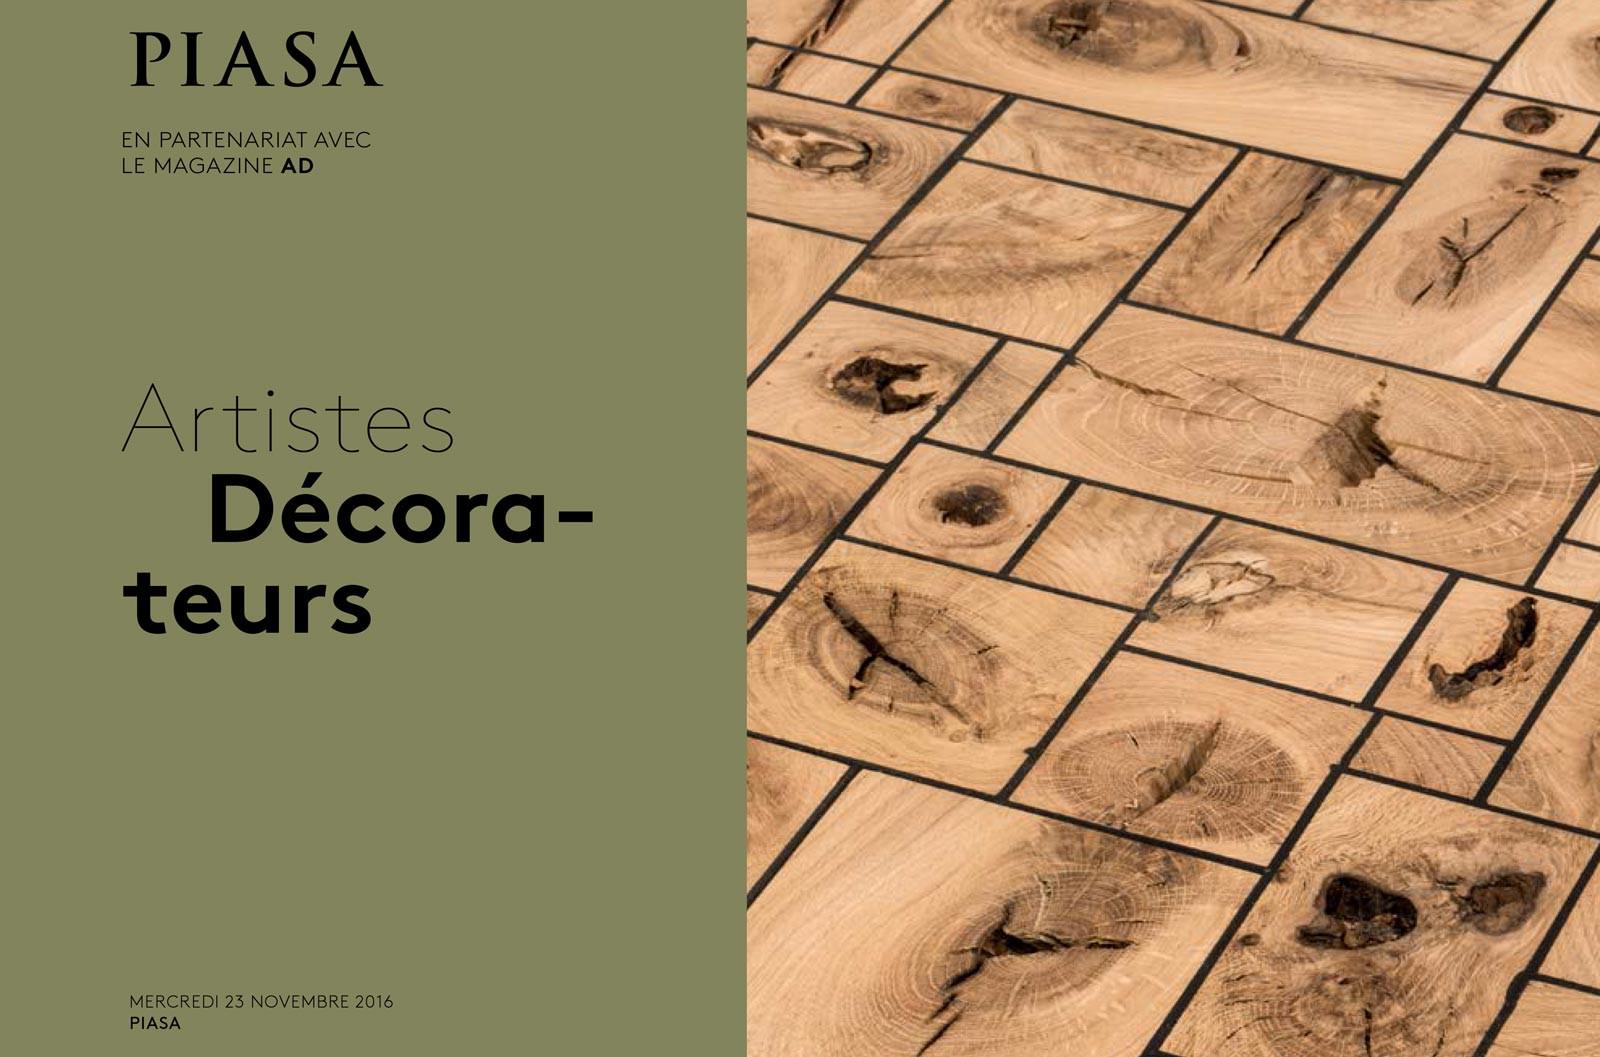 Ad + Piasa Auction in Paris